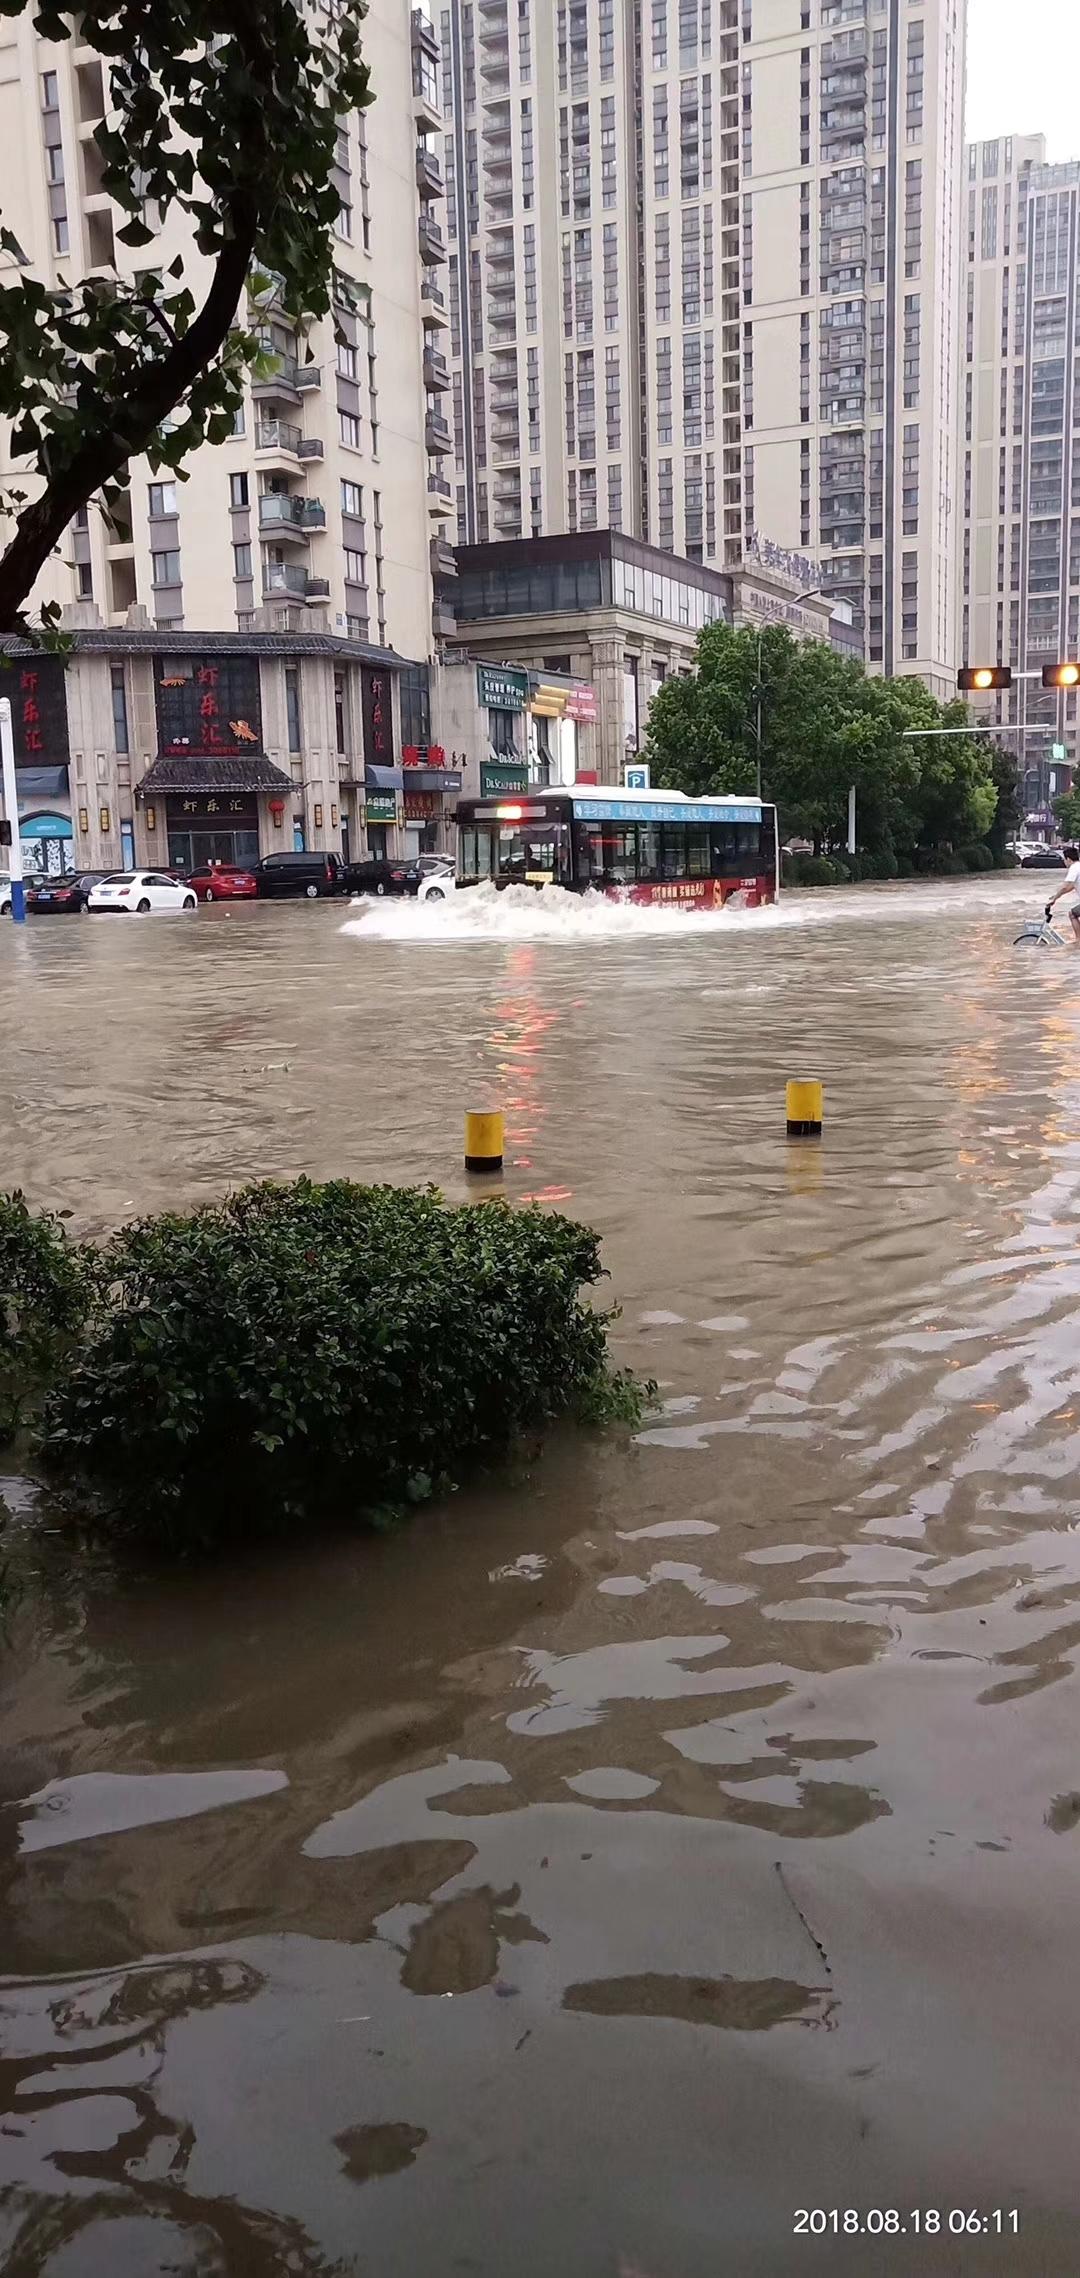 蚌埠多路段出现严重积水 最新路况发布!